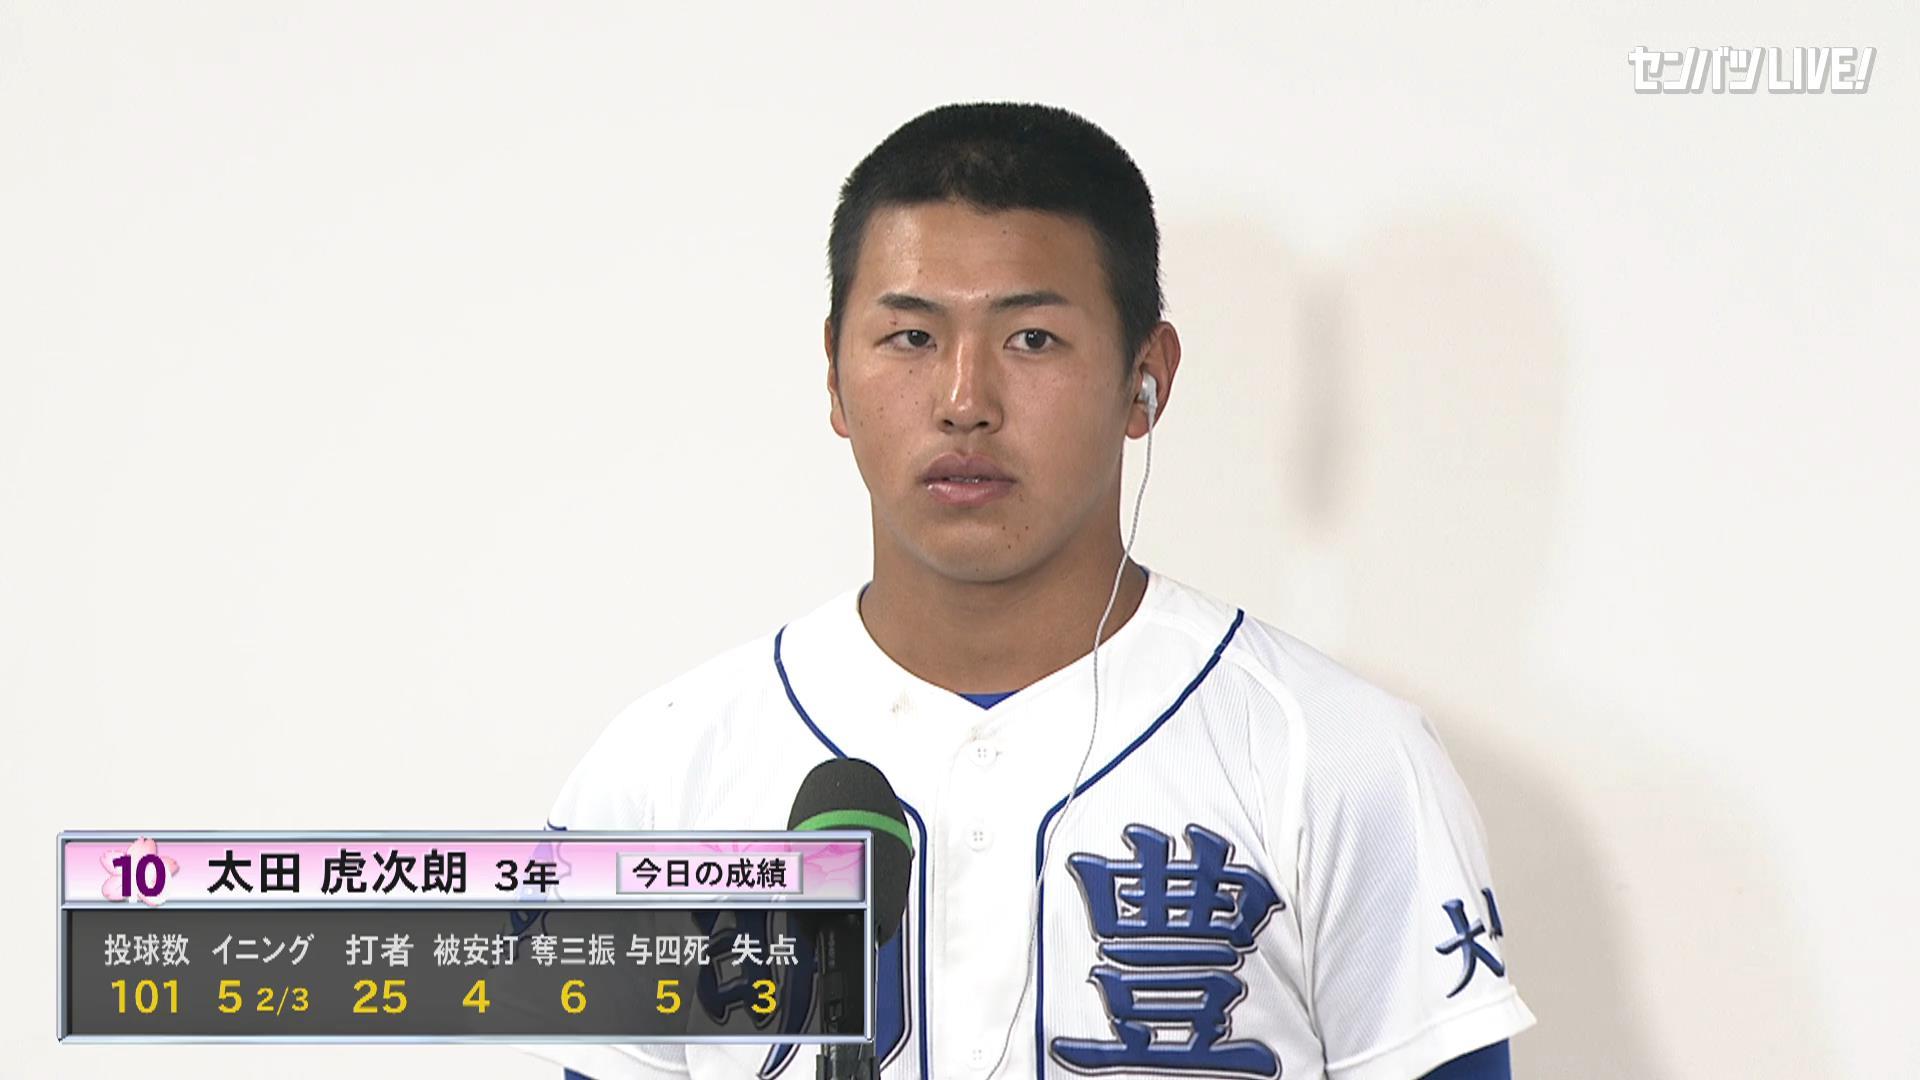 【センバツ高校野球】中京大中京 - 明豊 - インタビュー